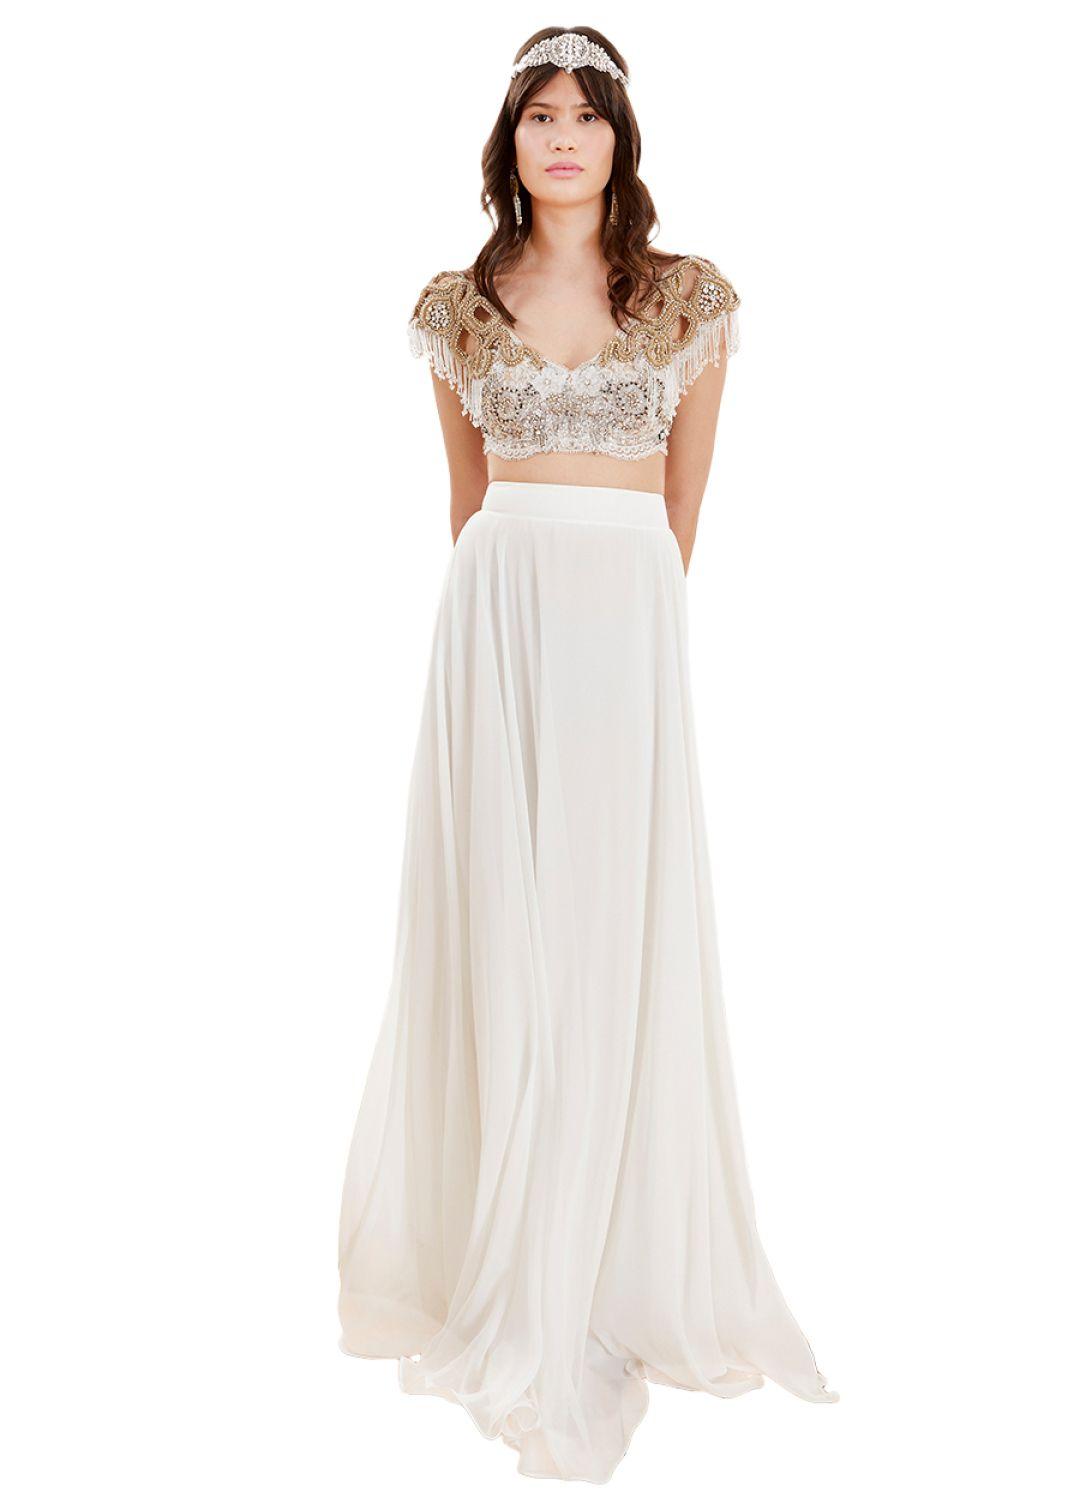 Tuvanam Beyaz Etek Ve Tasli Ust The Dress Resmi Elbise Kiyafet